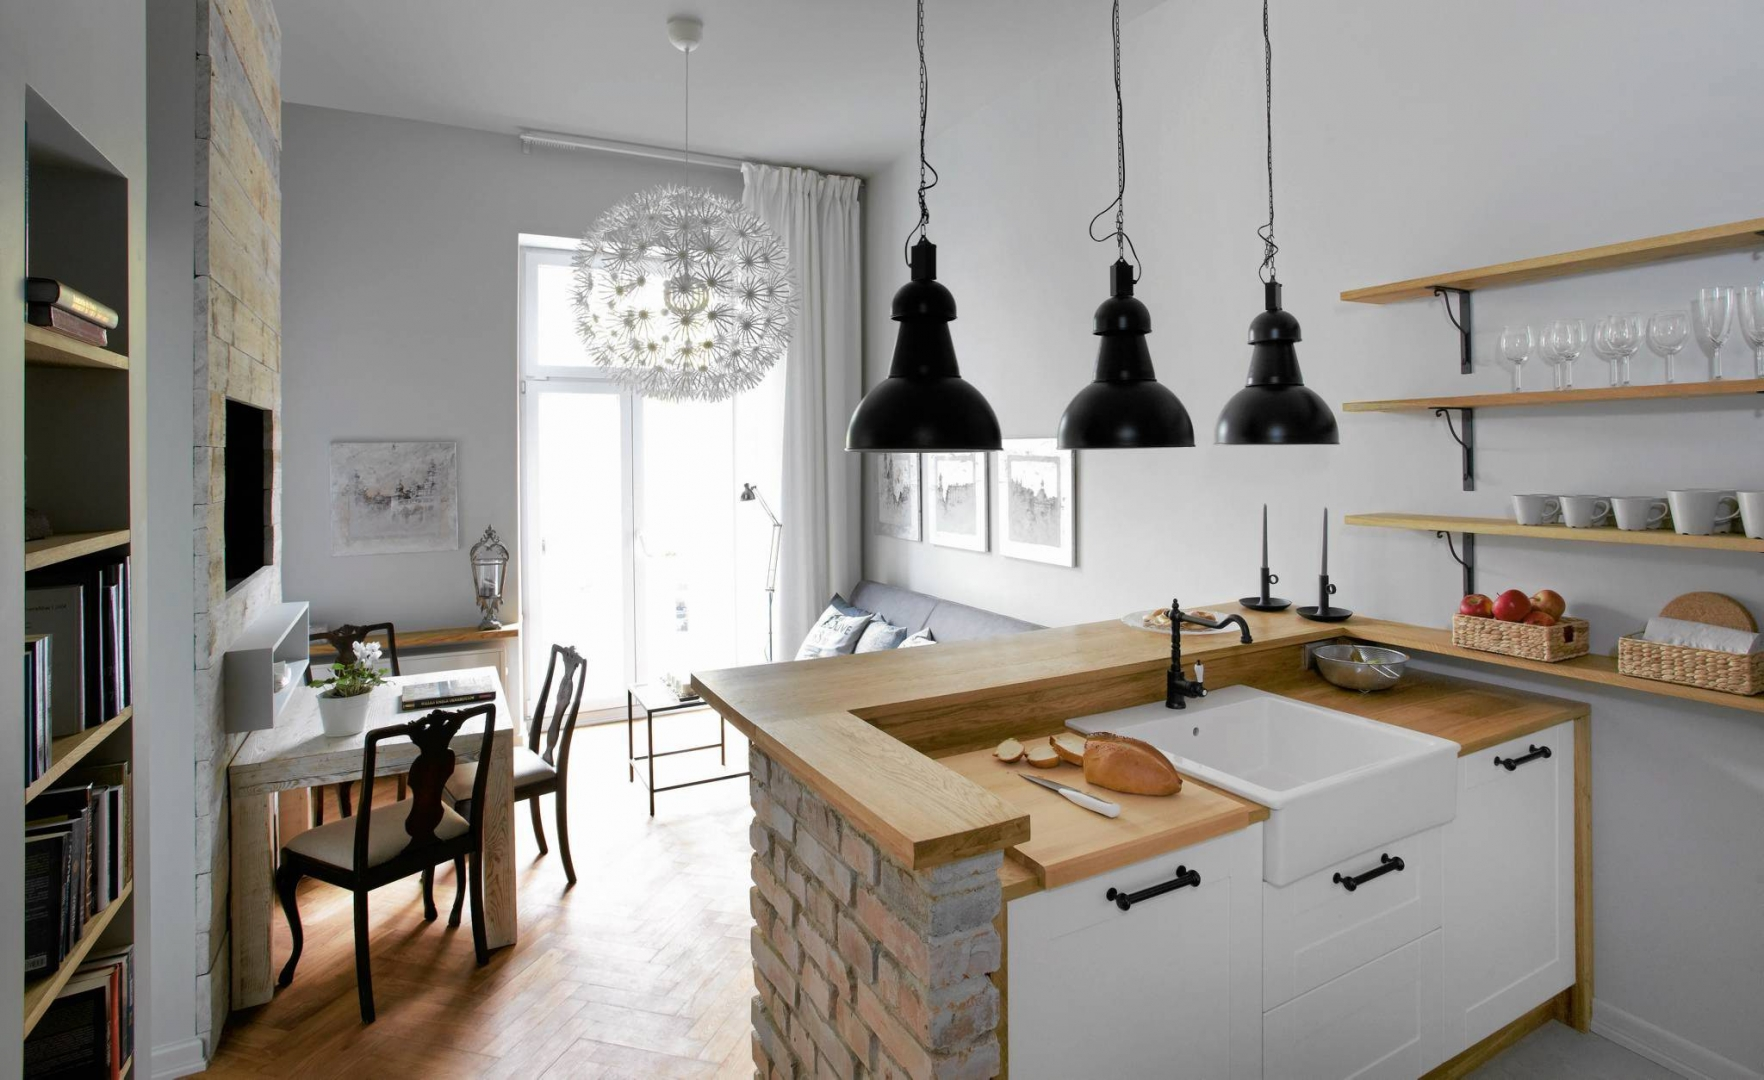 Salon Połączony Z Kuchnią 15 Pomysłów Na Aranżację ładny Dom